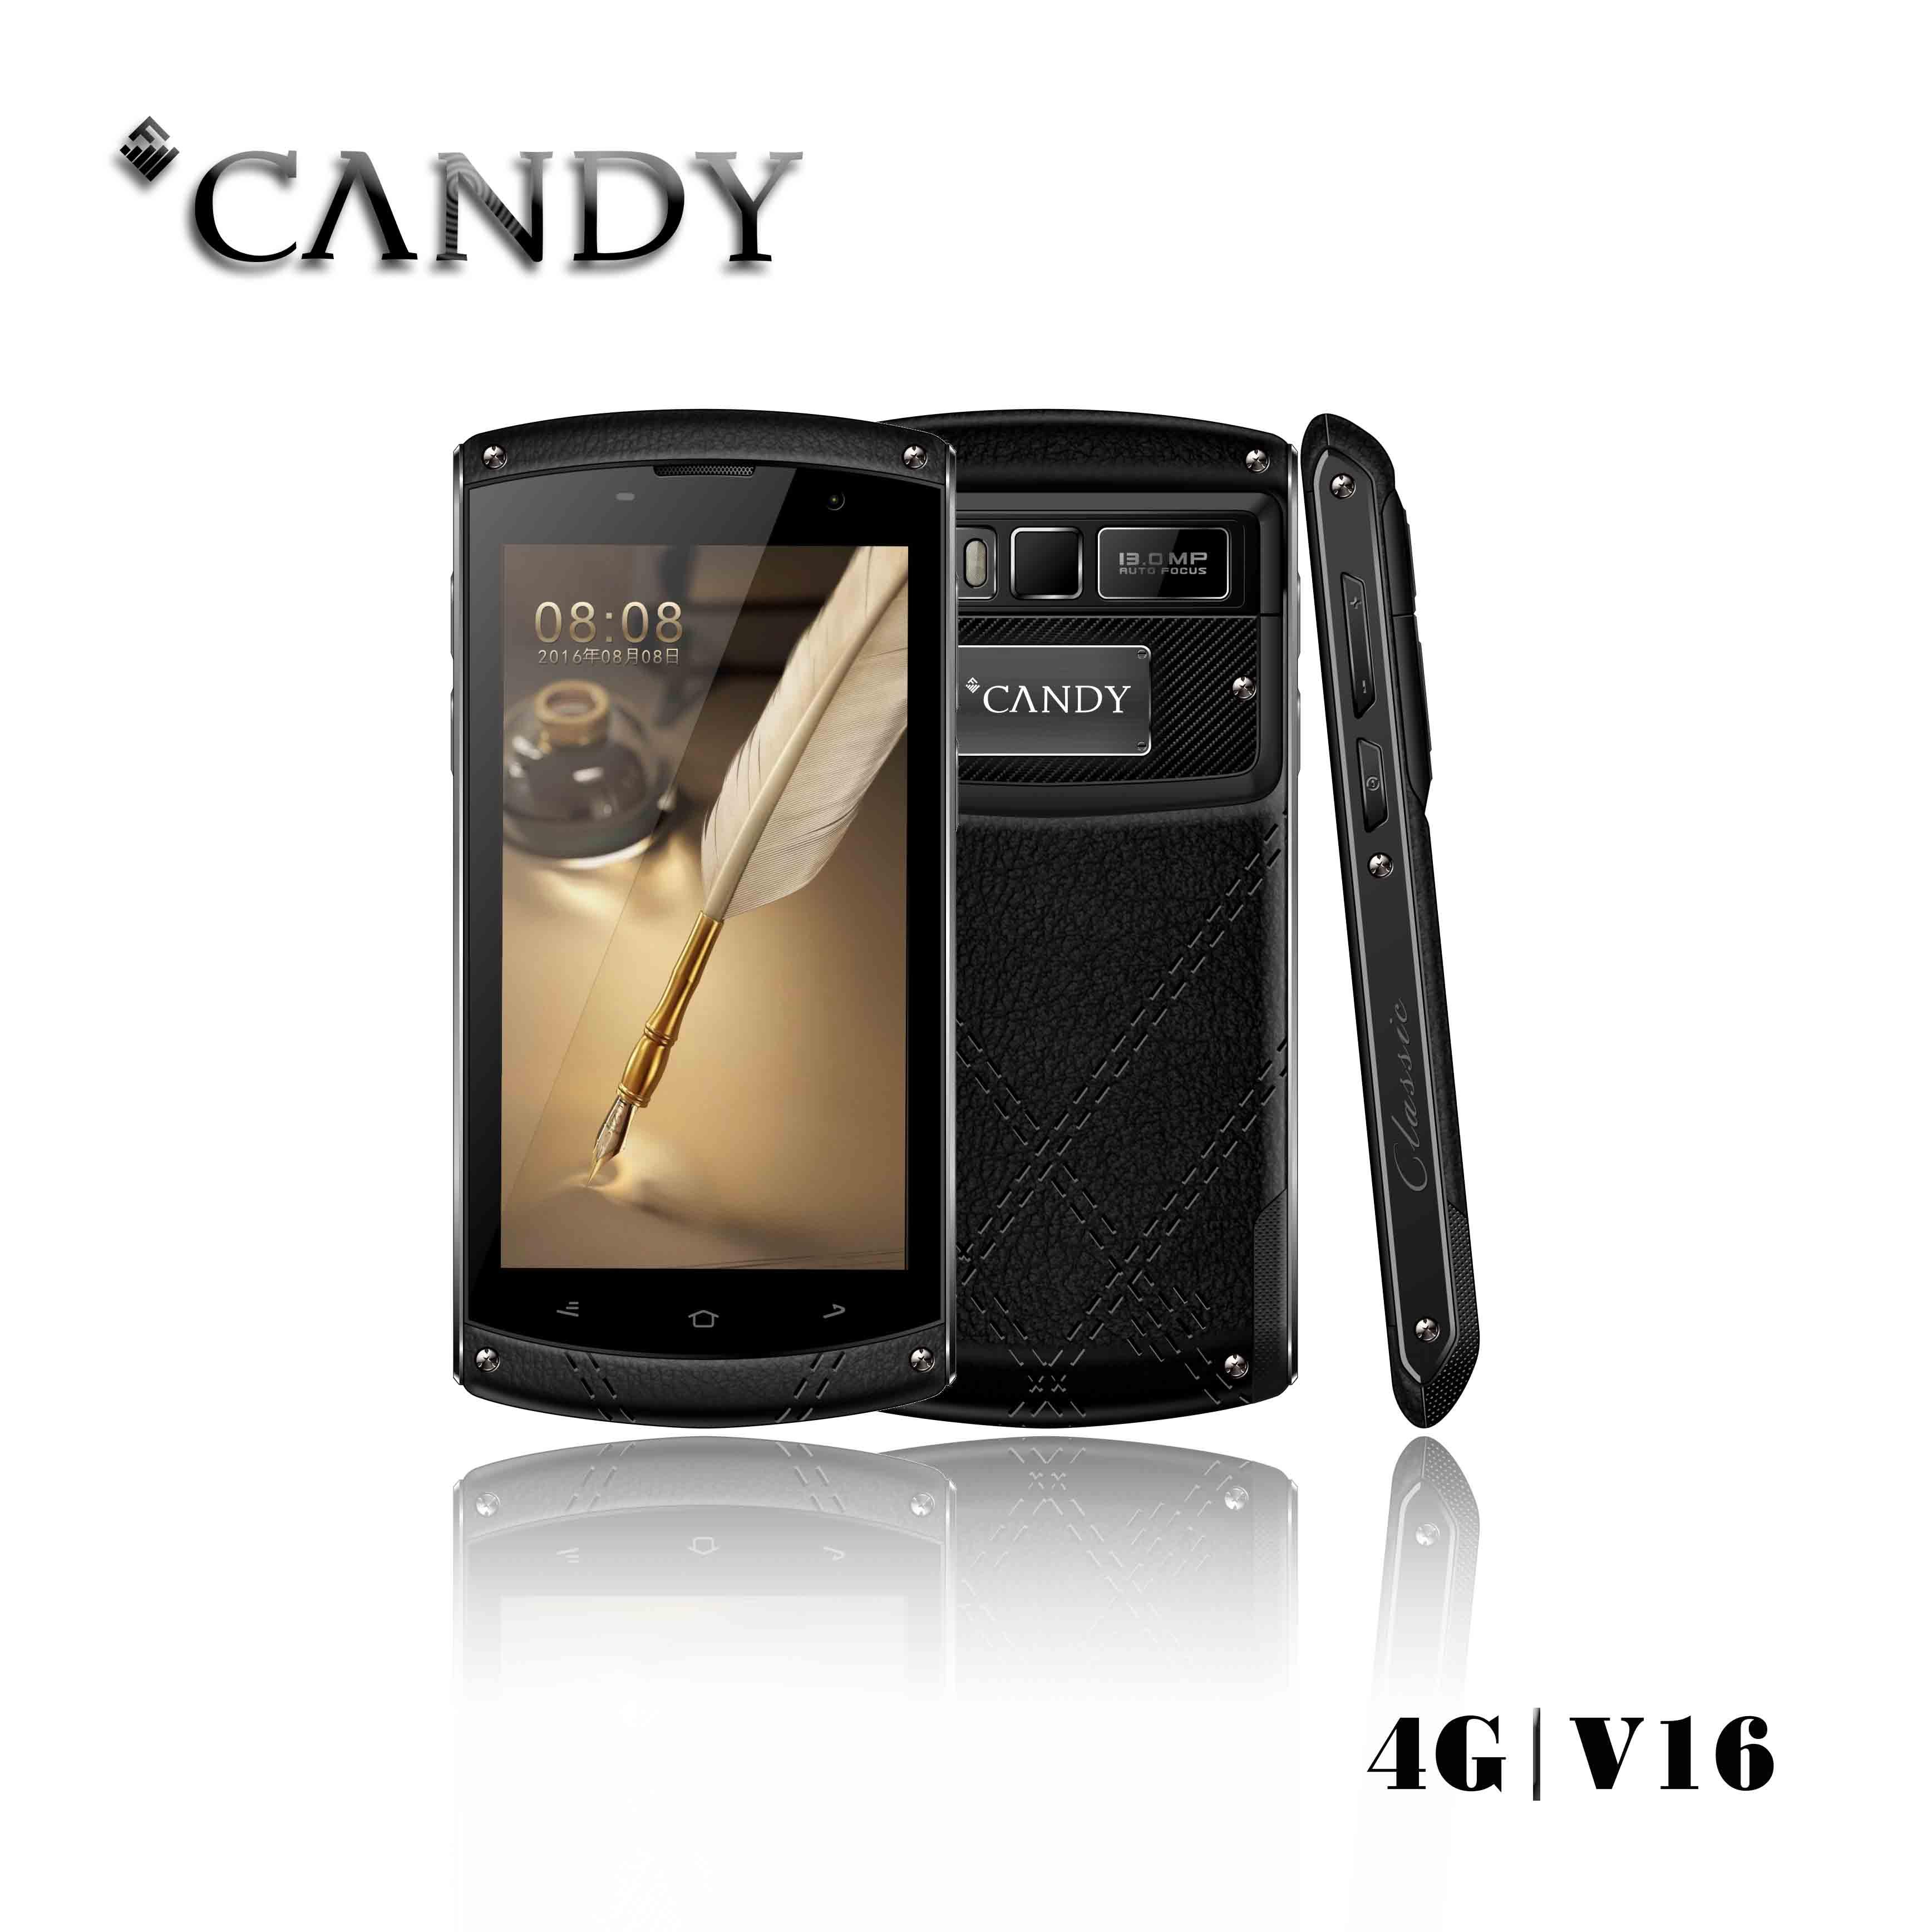 IP68 water/dust/shock resistant 5.0HD 4G Phone